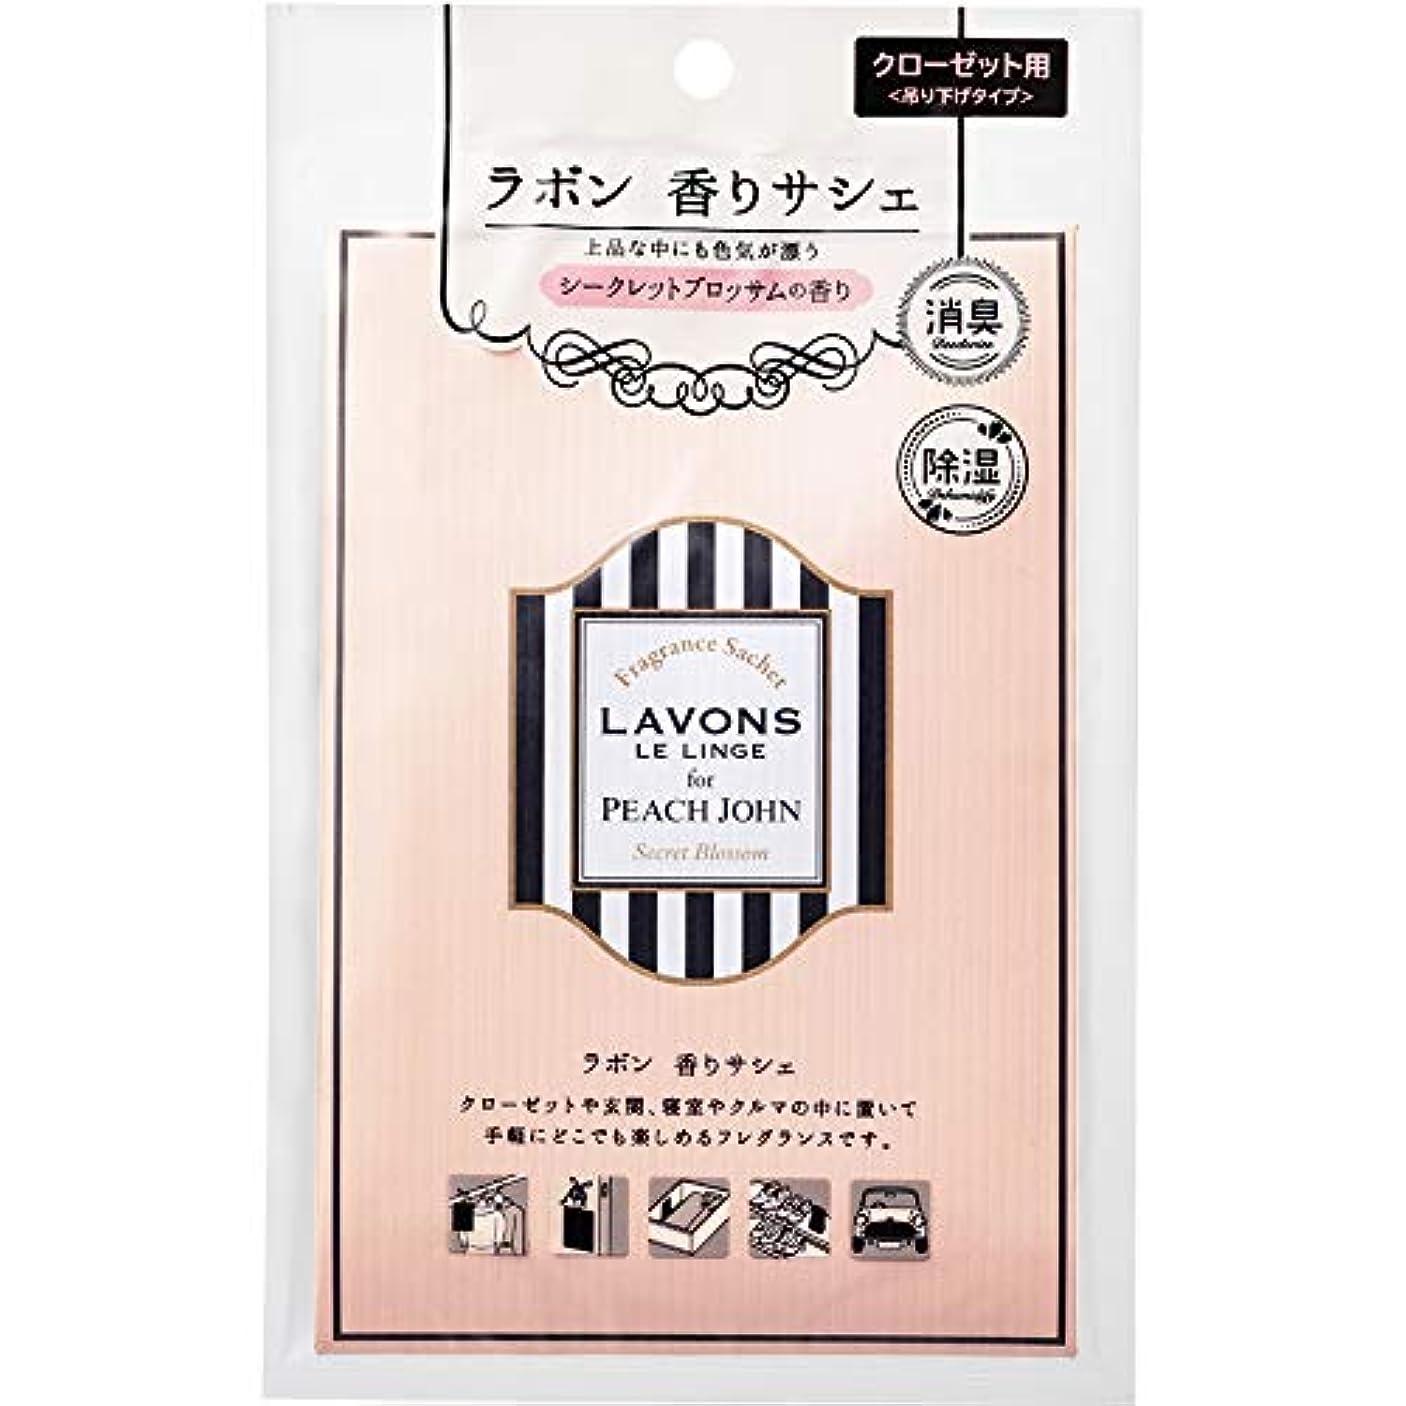 海峡エジプト人はしごラボン for PEACH JOHN 香りサシェ (香り袋) シークレットブロッサムの香り 20g